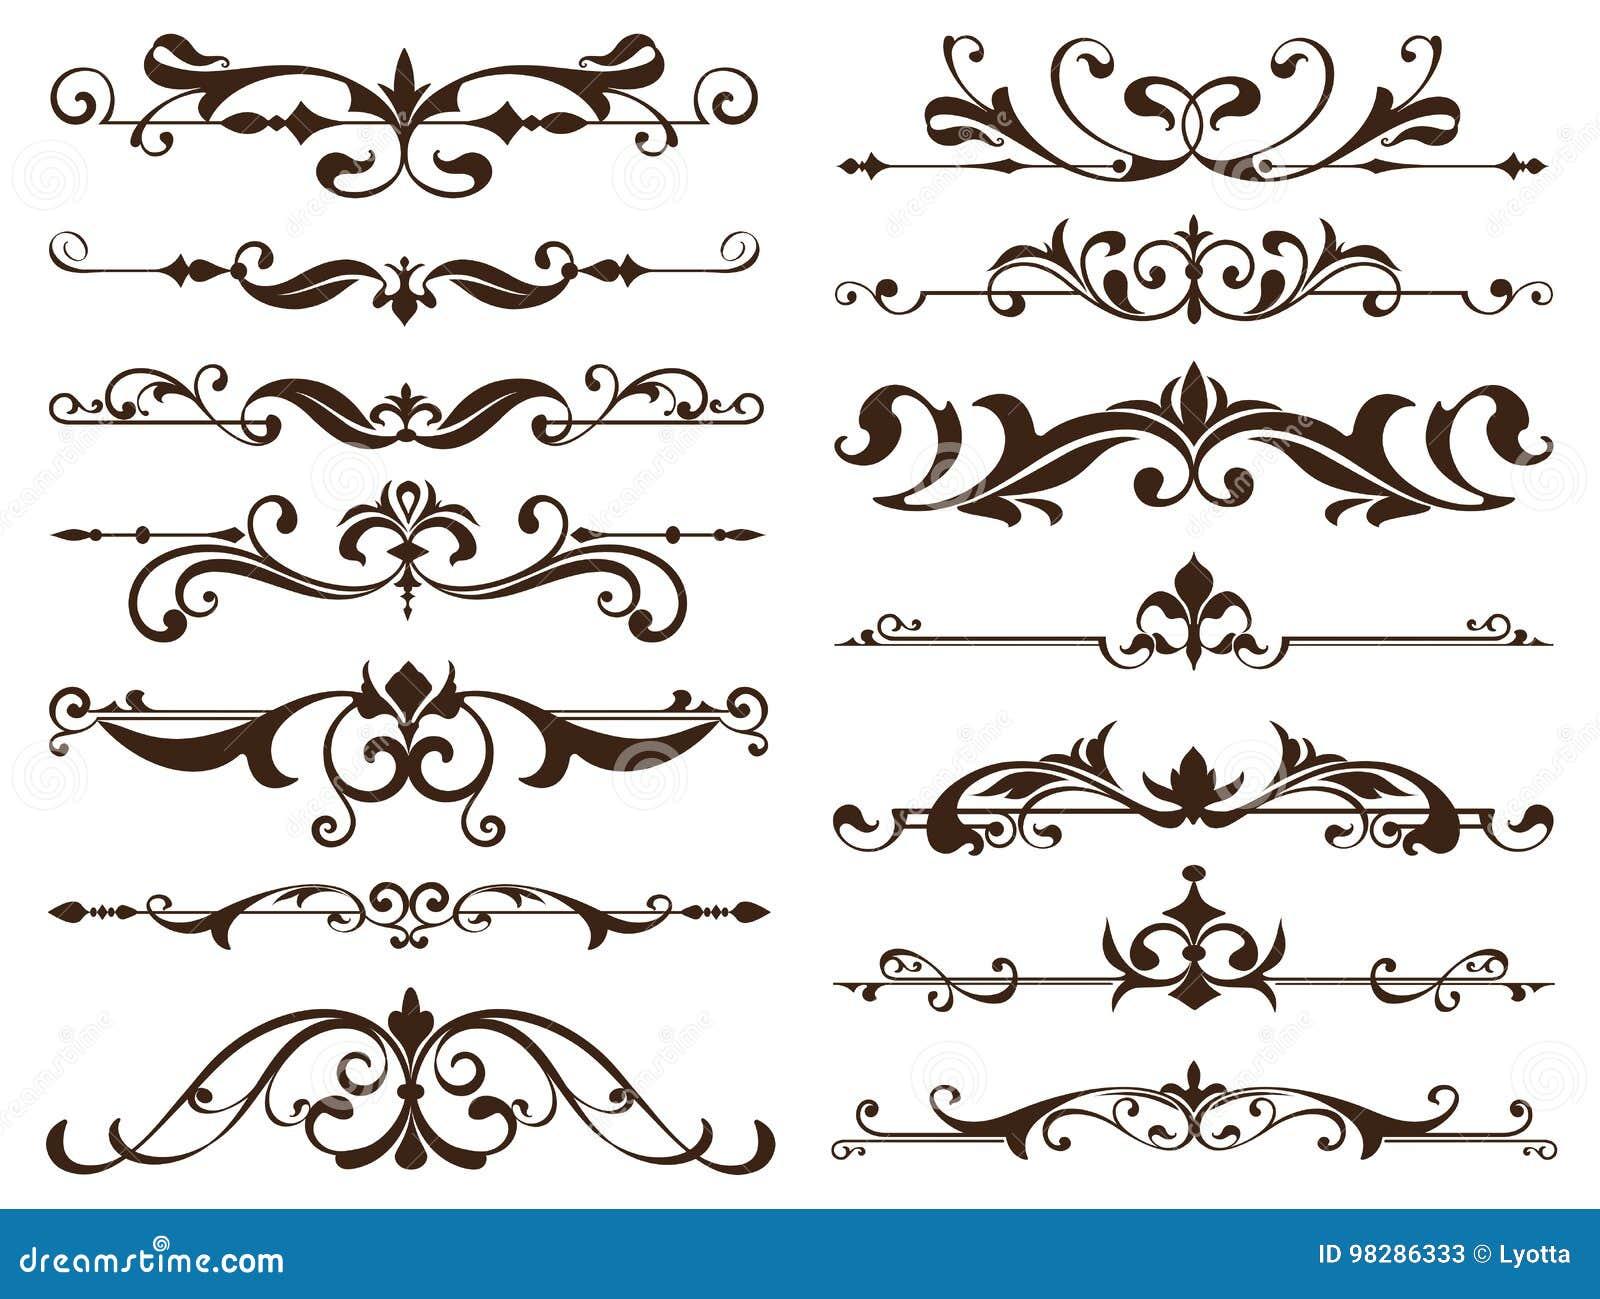 Rahmen, Ecken, Grenzen Mit Empfindlichen Strudeln In Art Nouveau ...